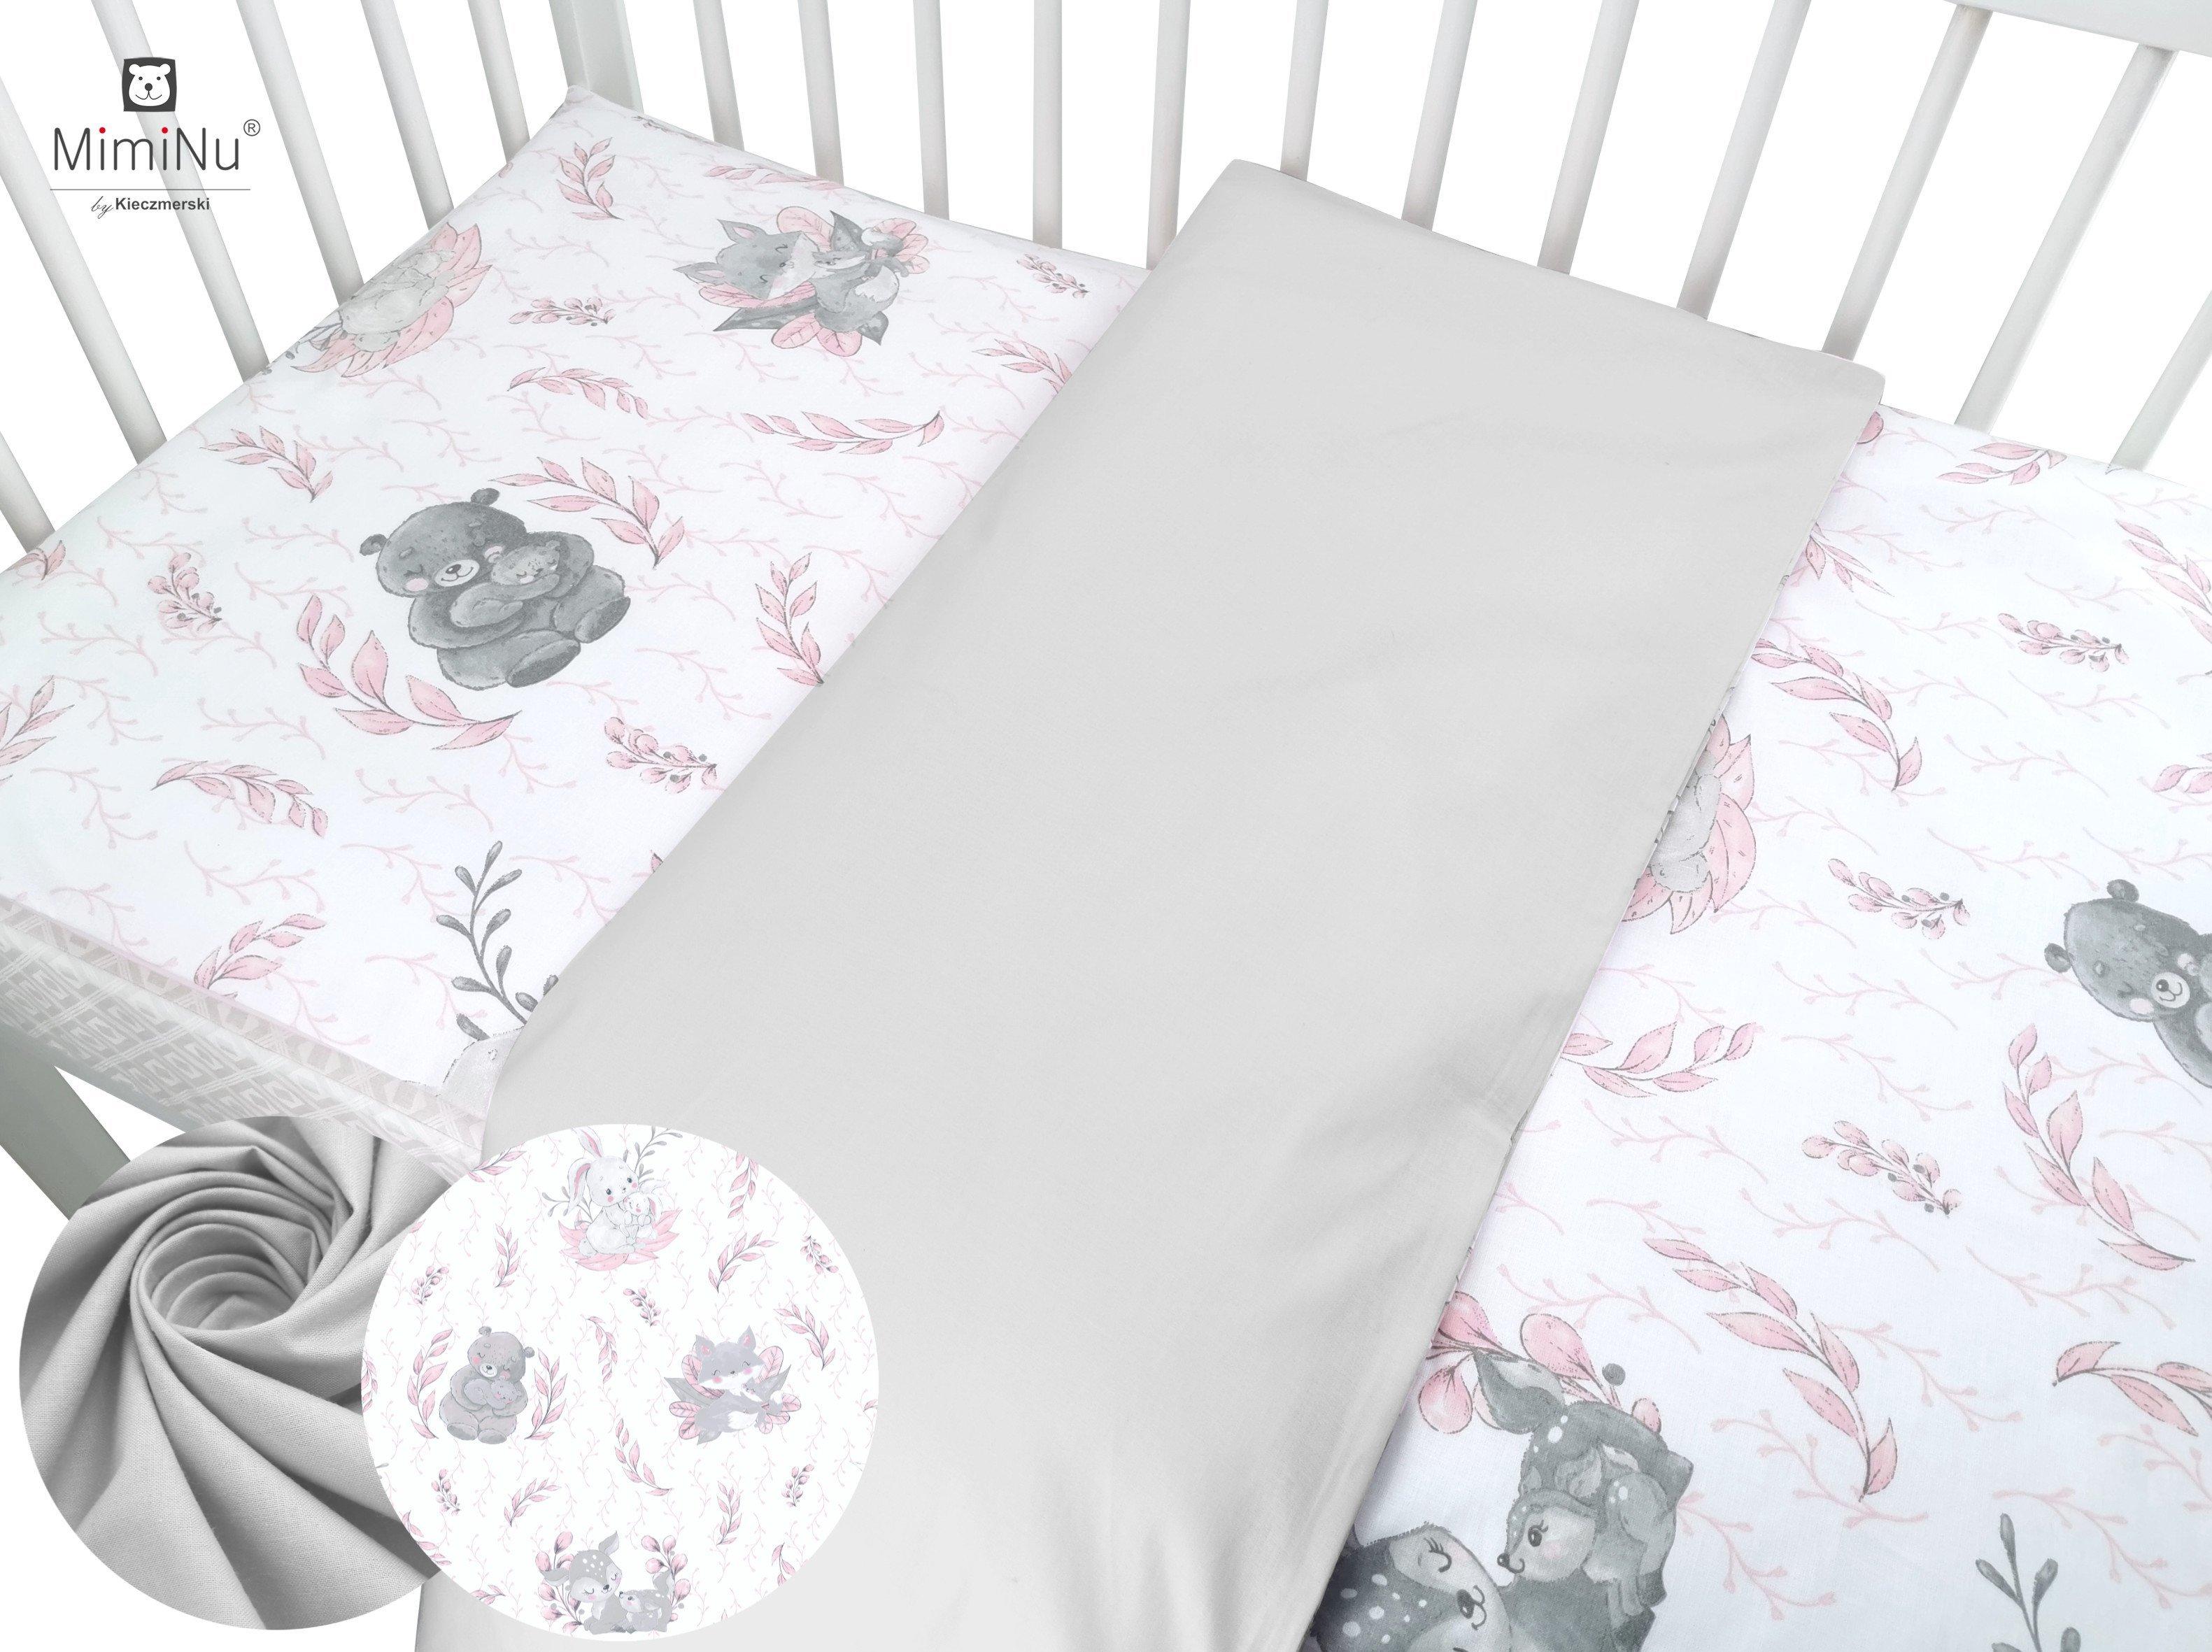 Bavlnen� oblie�ky do postie�ky 90x120 cm 2 diely Lulu siv� - zv��i� obr�zok